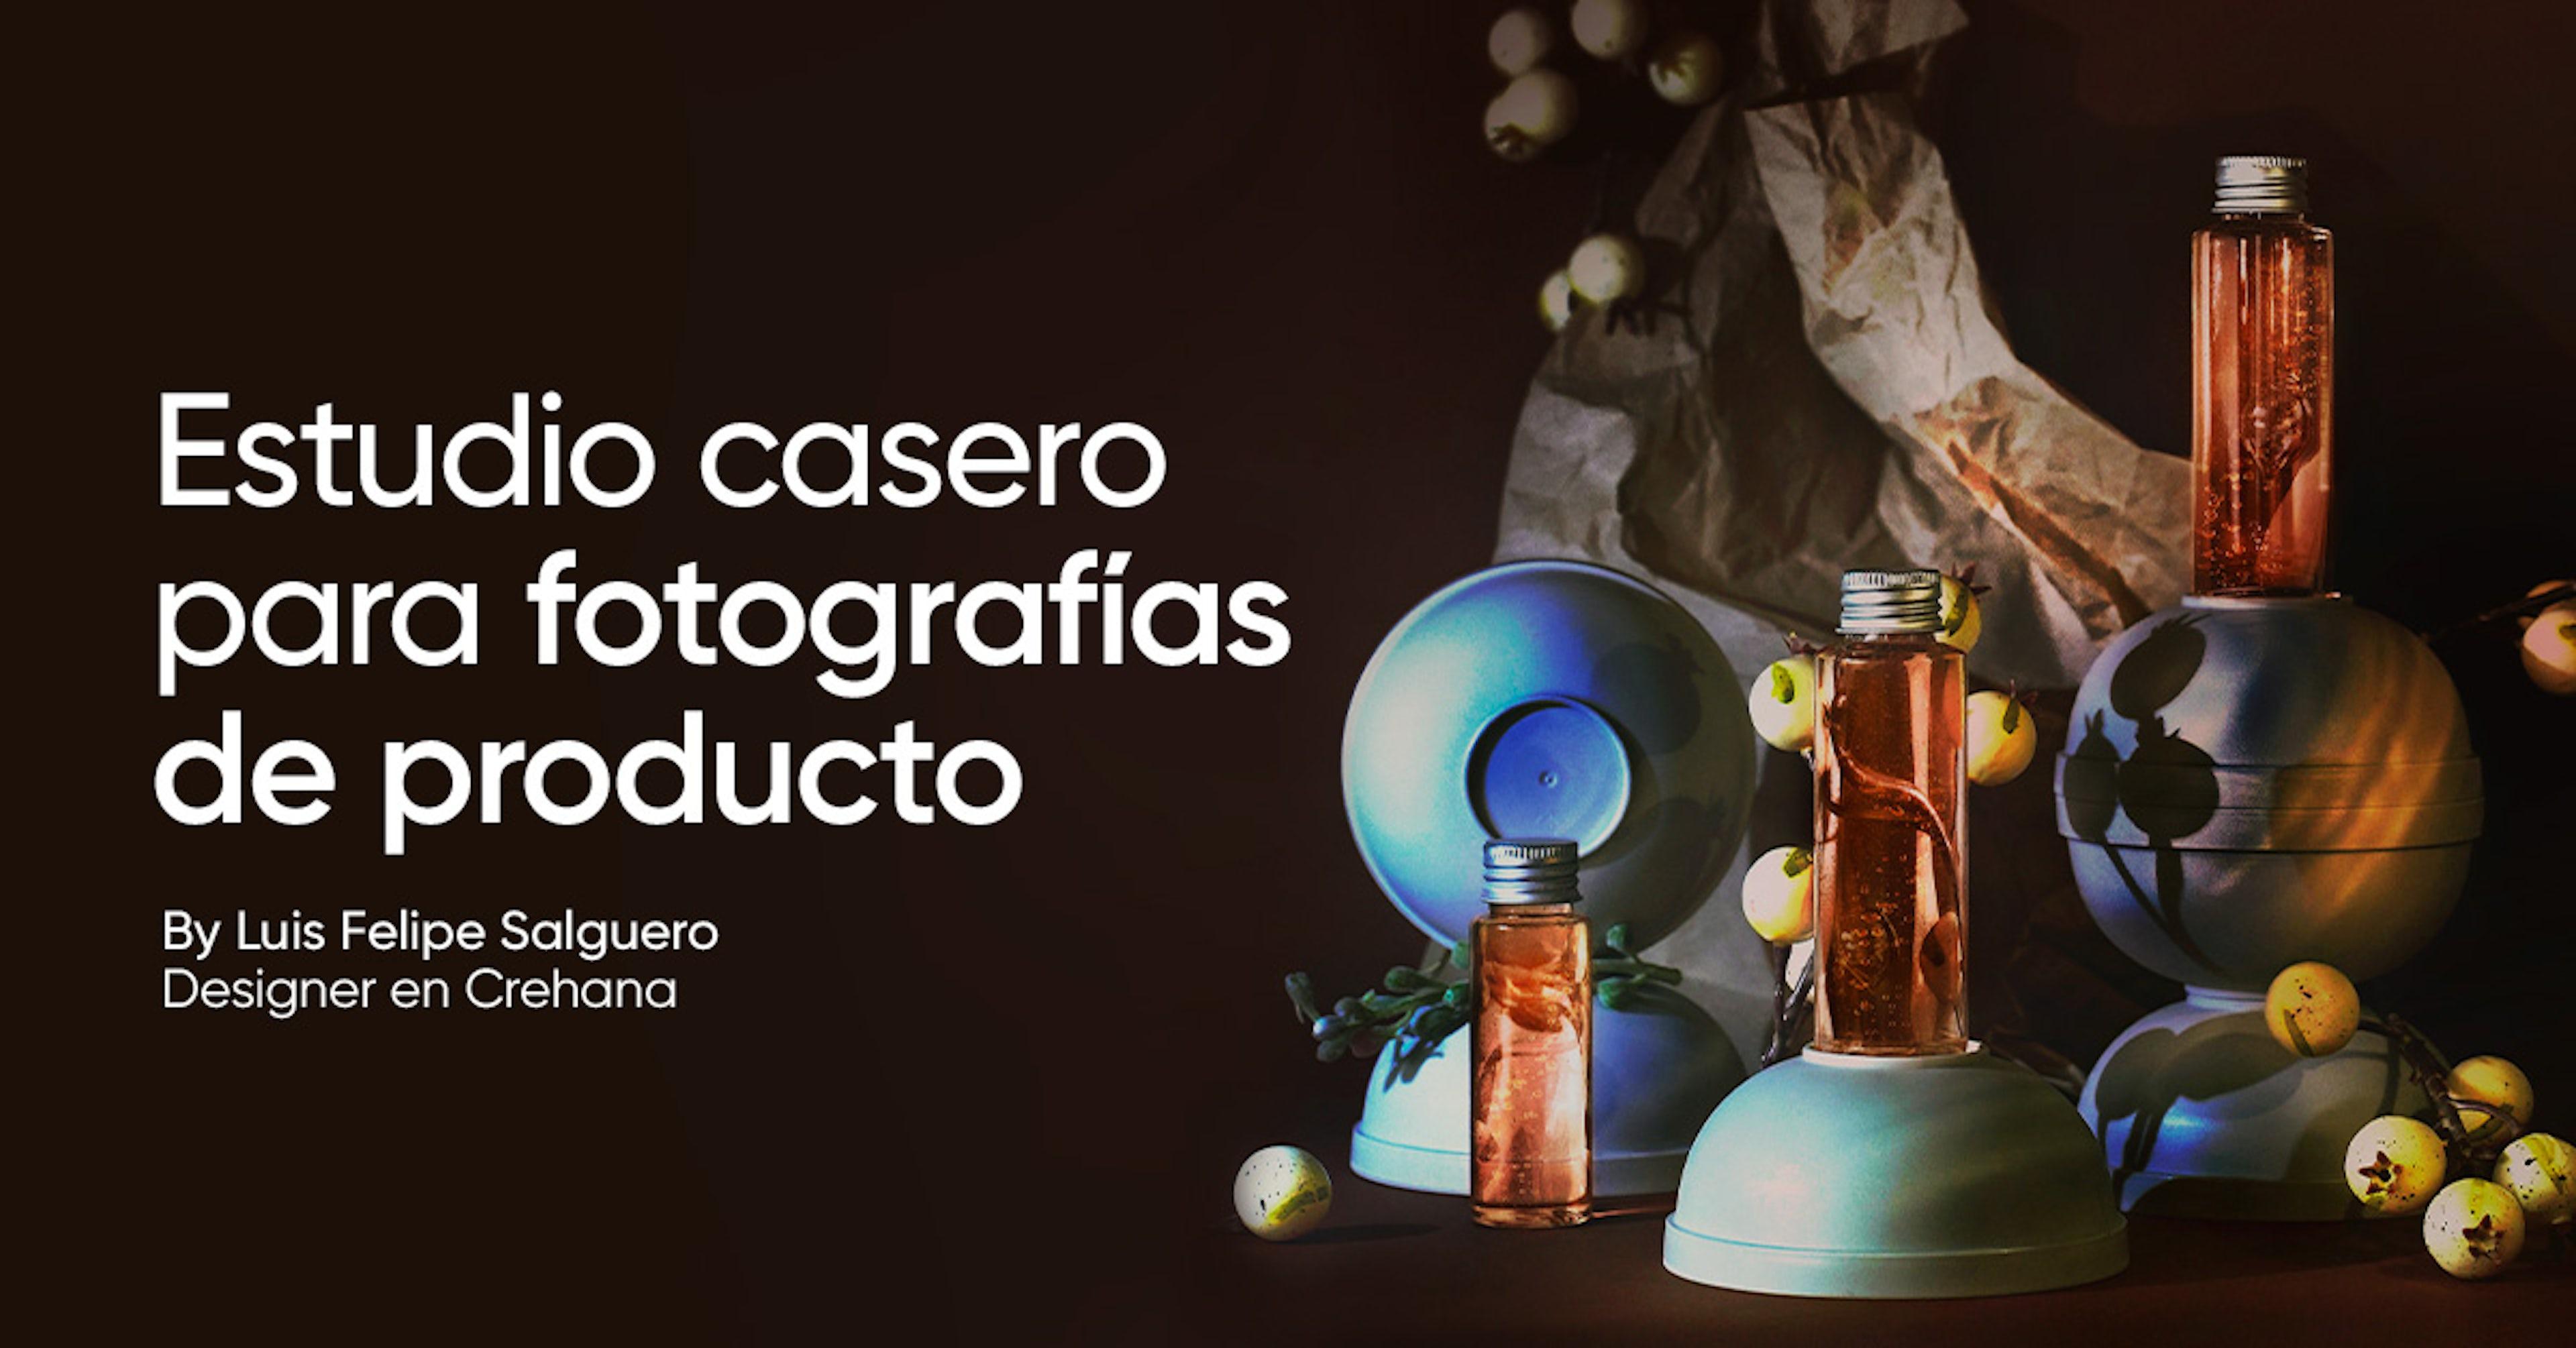 ¿Cómo hacer un estudio fotográfico casero para fotografía de producto?